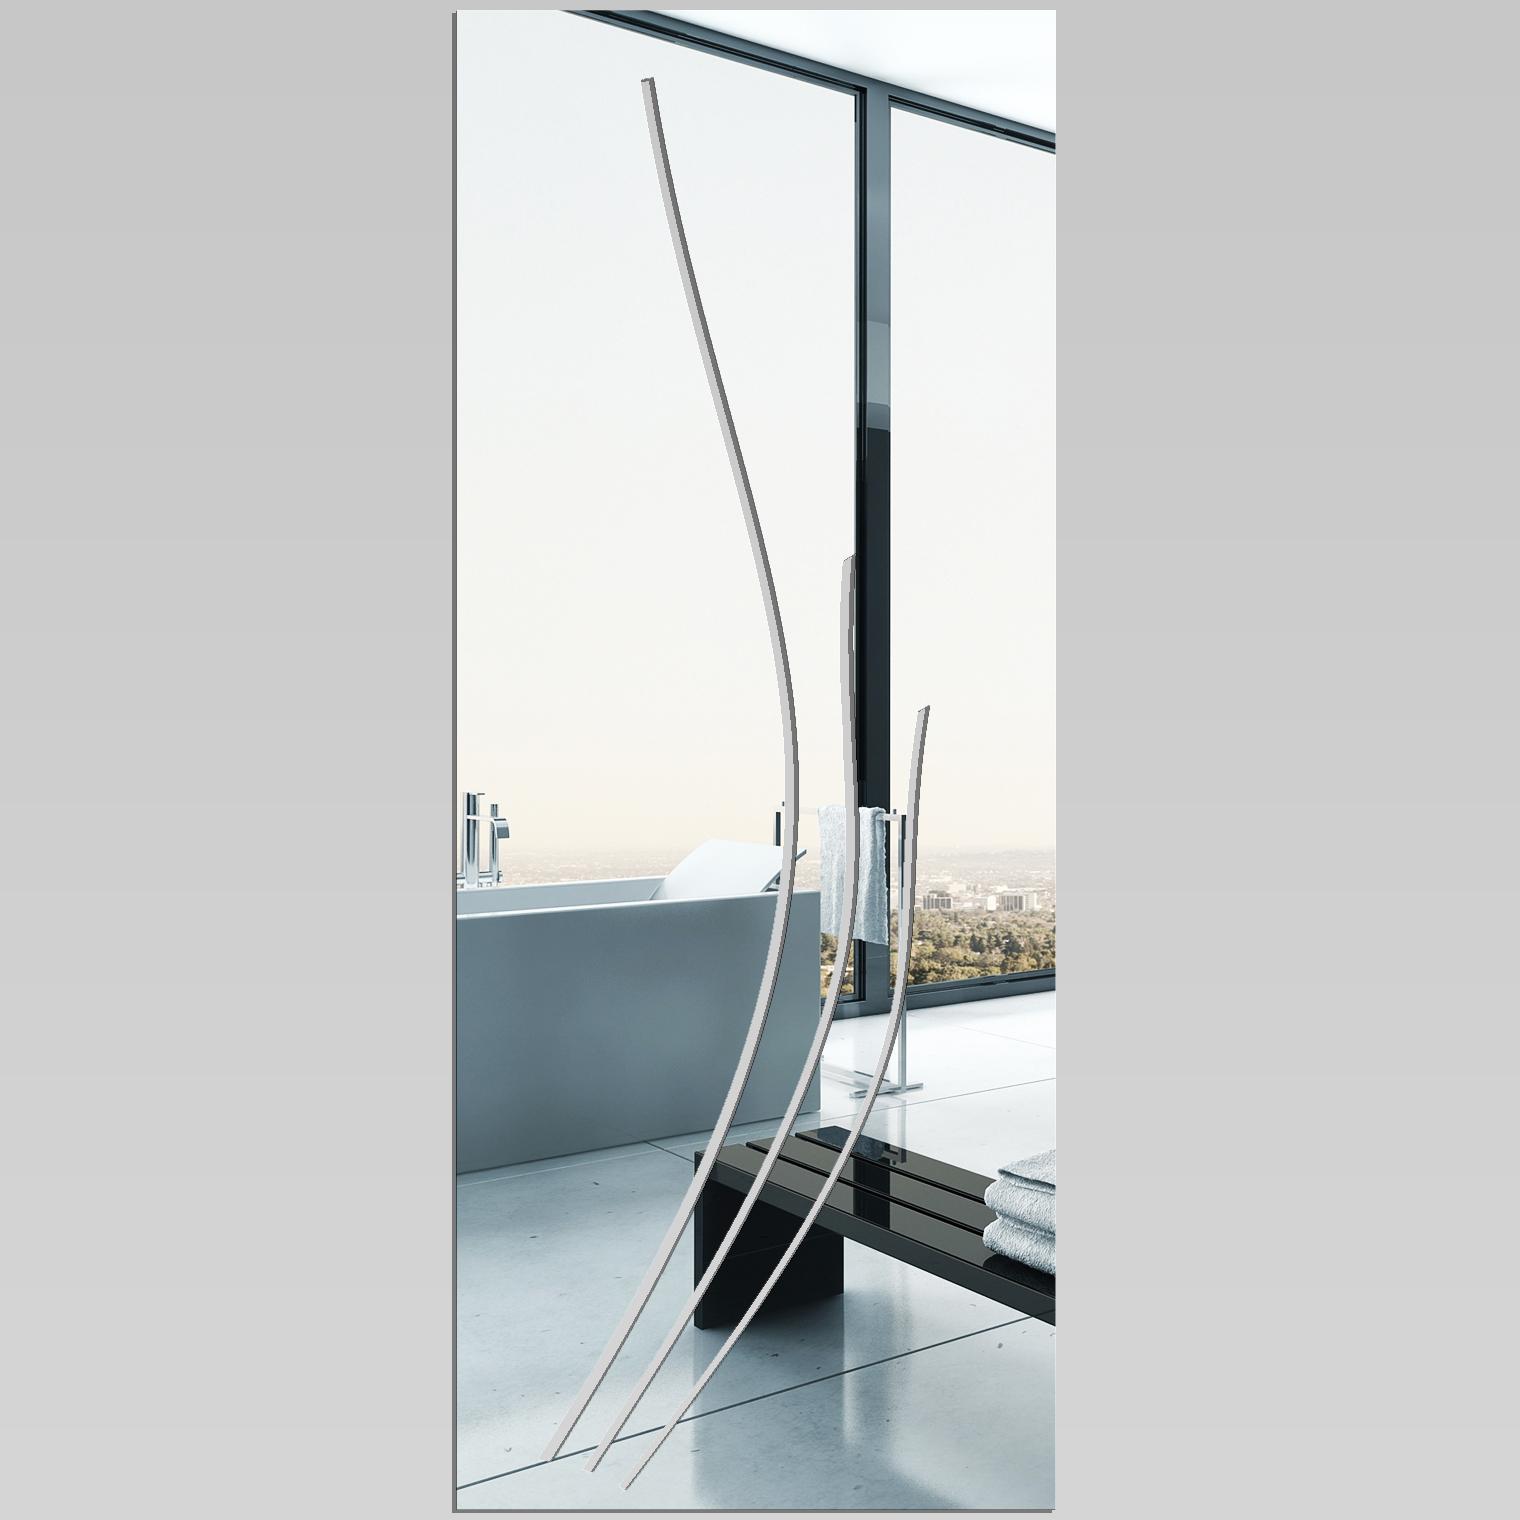 Miroir plexiglass acrylique rectange pas cher for Miroir acrylique